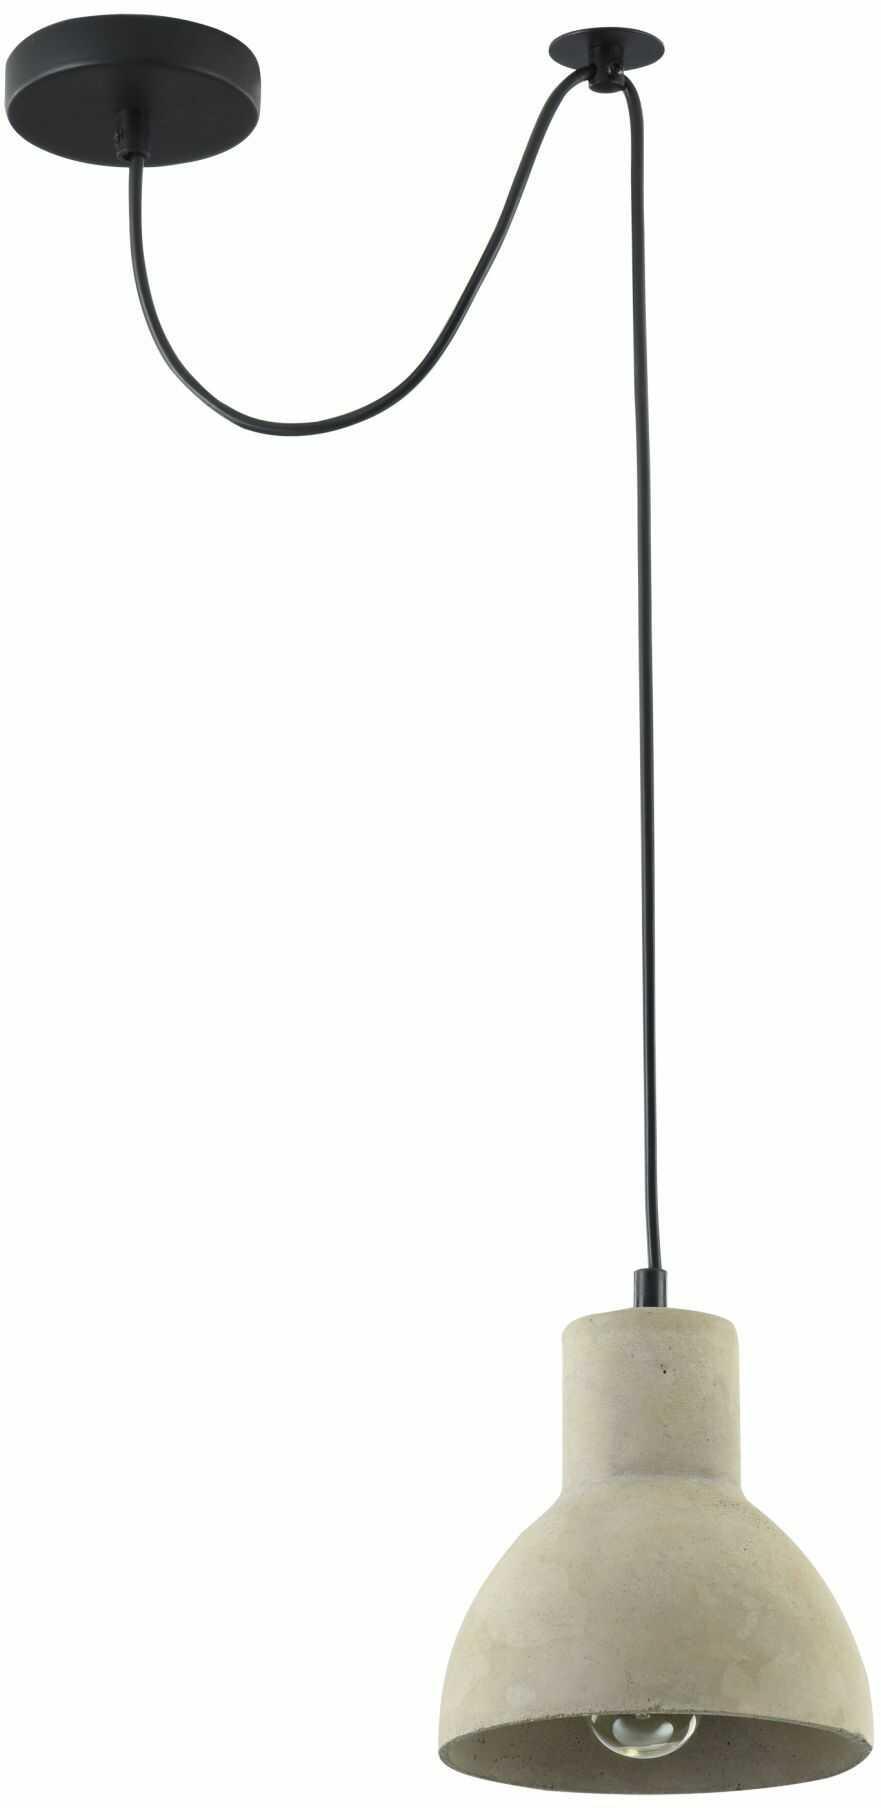 Maytoni Broni T434-PL-01-GR lampa wisząca metalowa osłona sufitowa czarna klosz betonowy szary 1 X E27 60W 16 cm